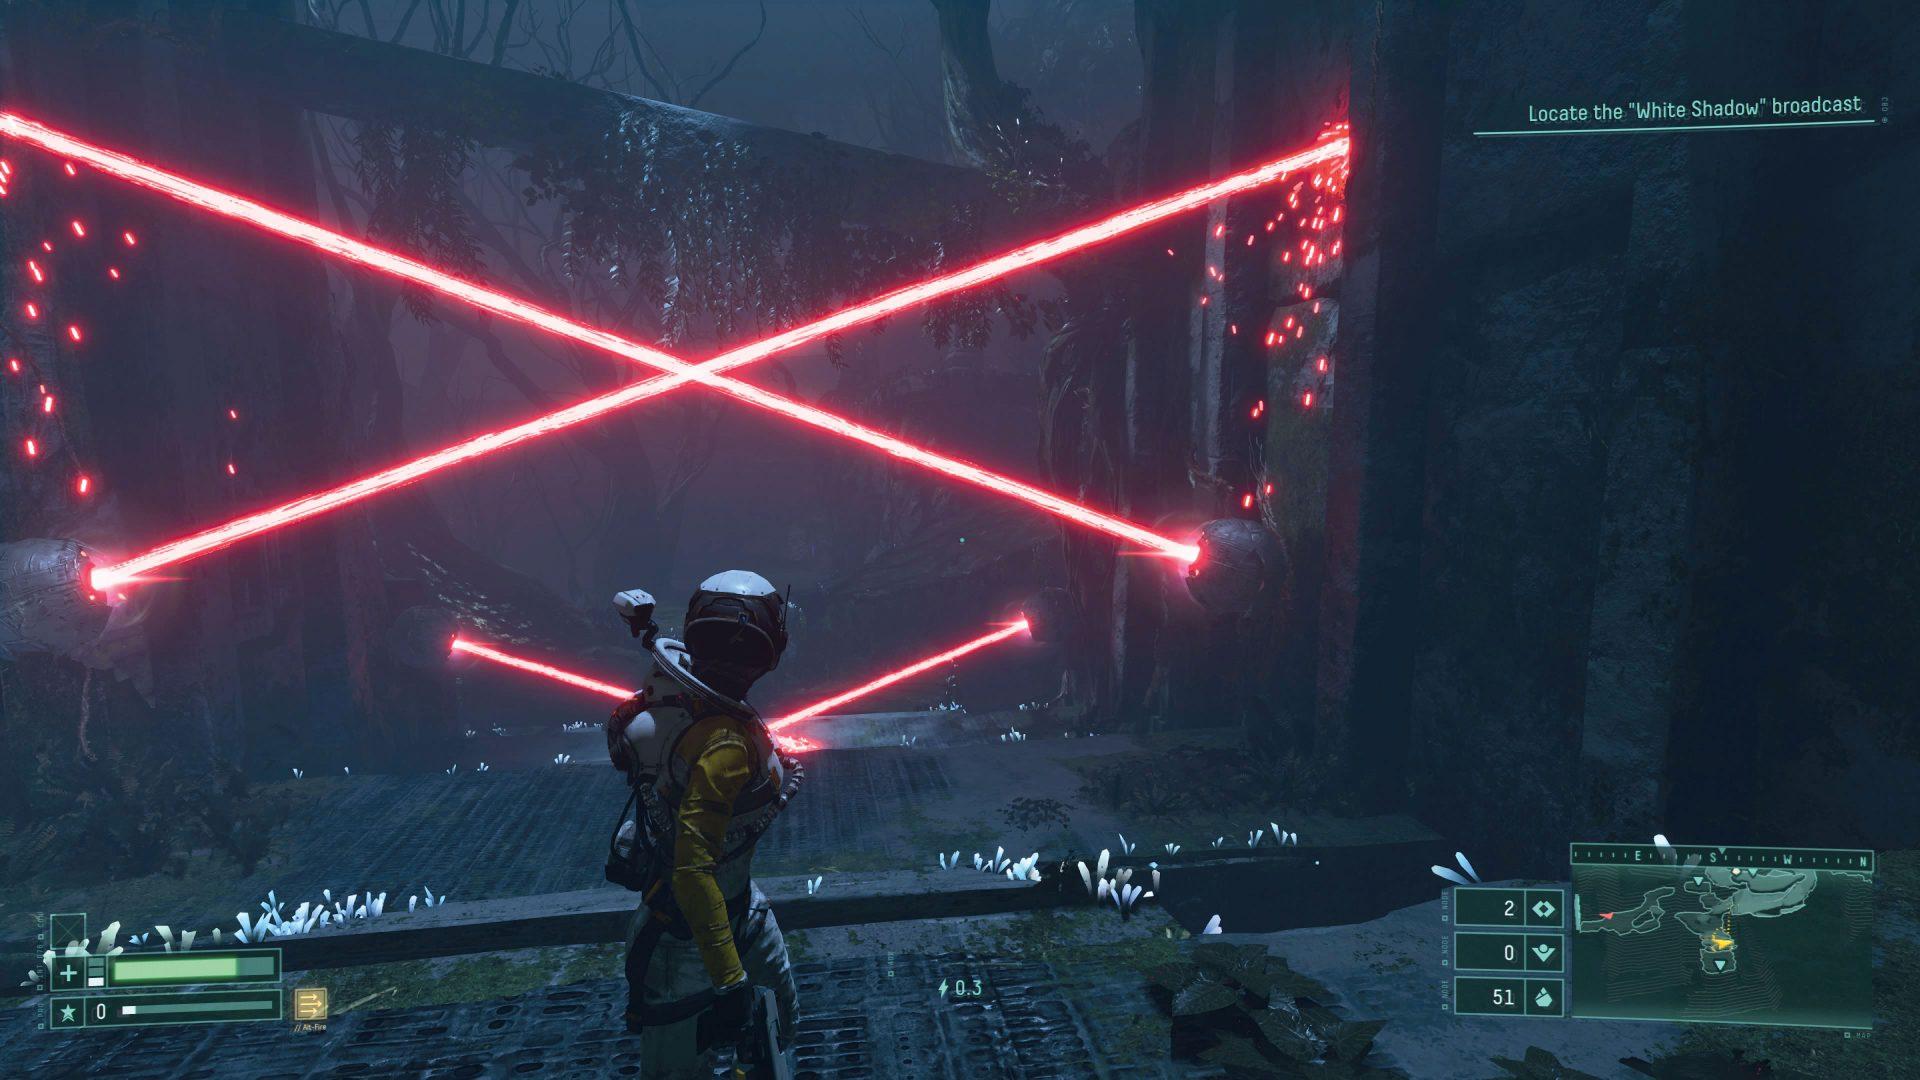 Laserske zamke nije uopće teško proći kako vam se čini isprva